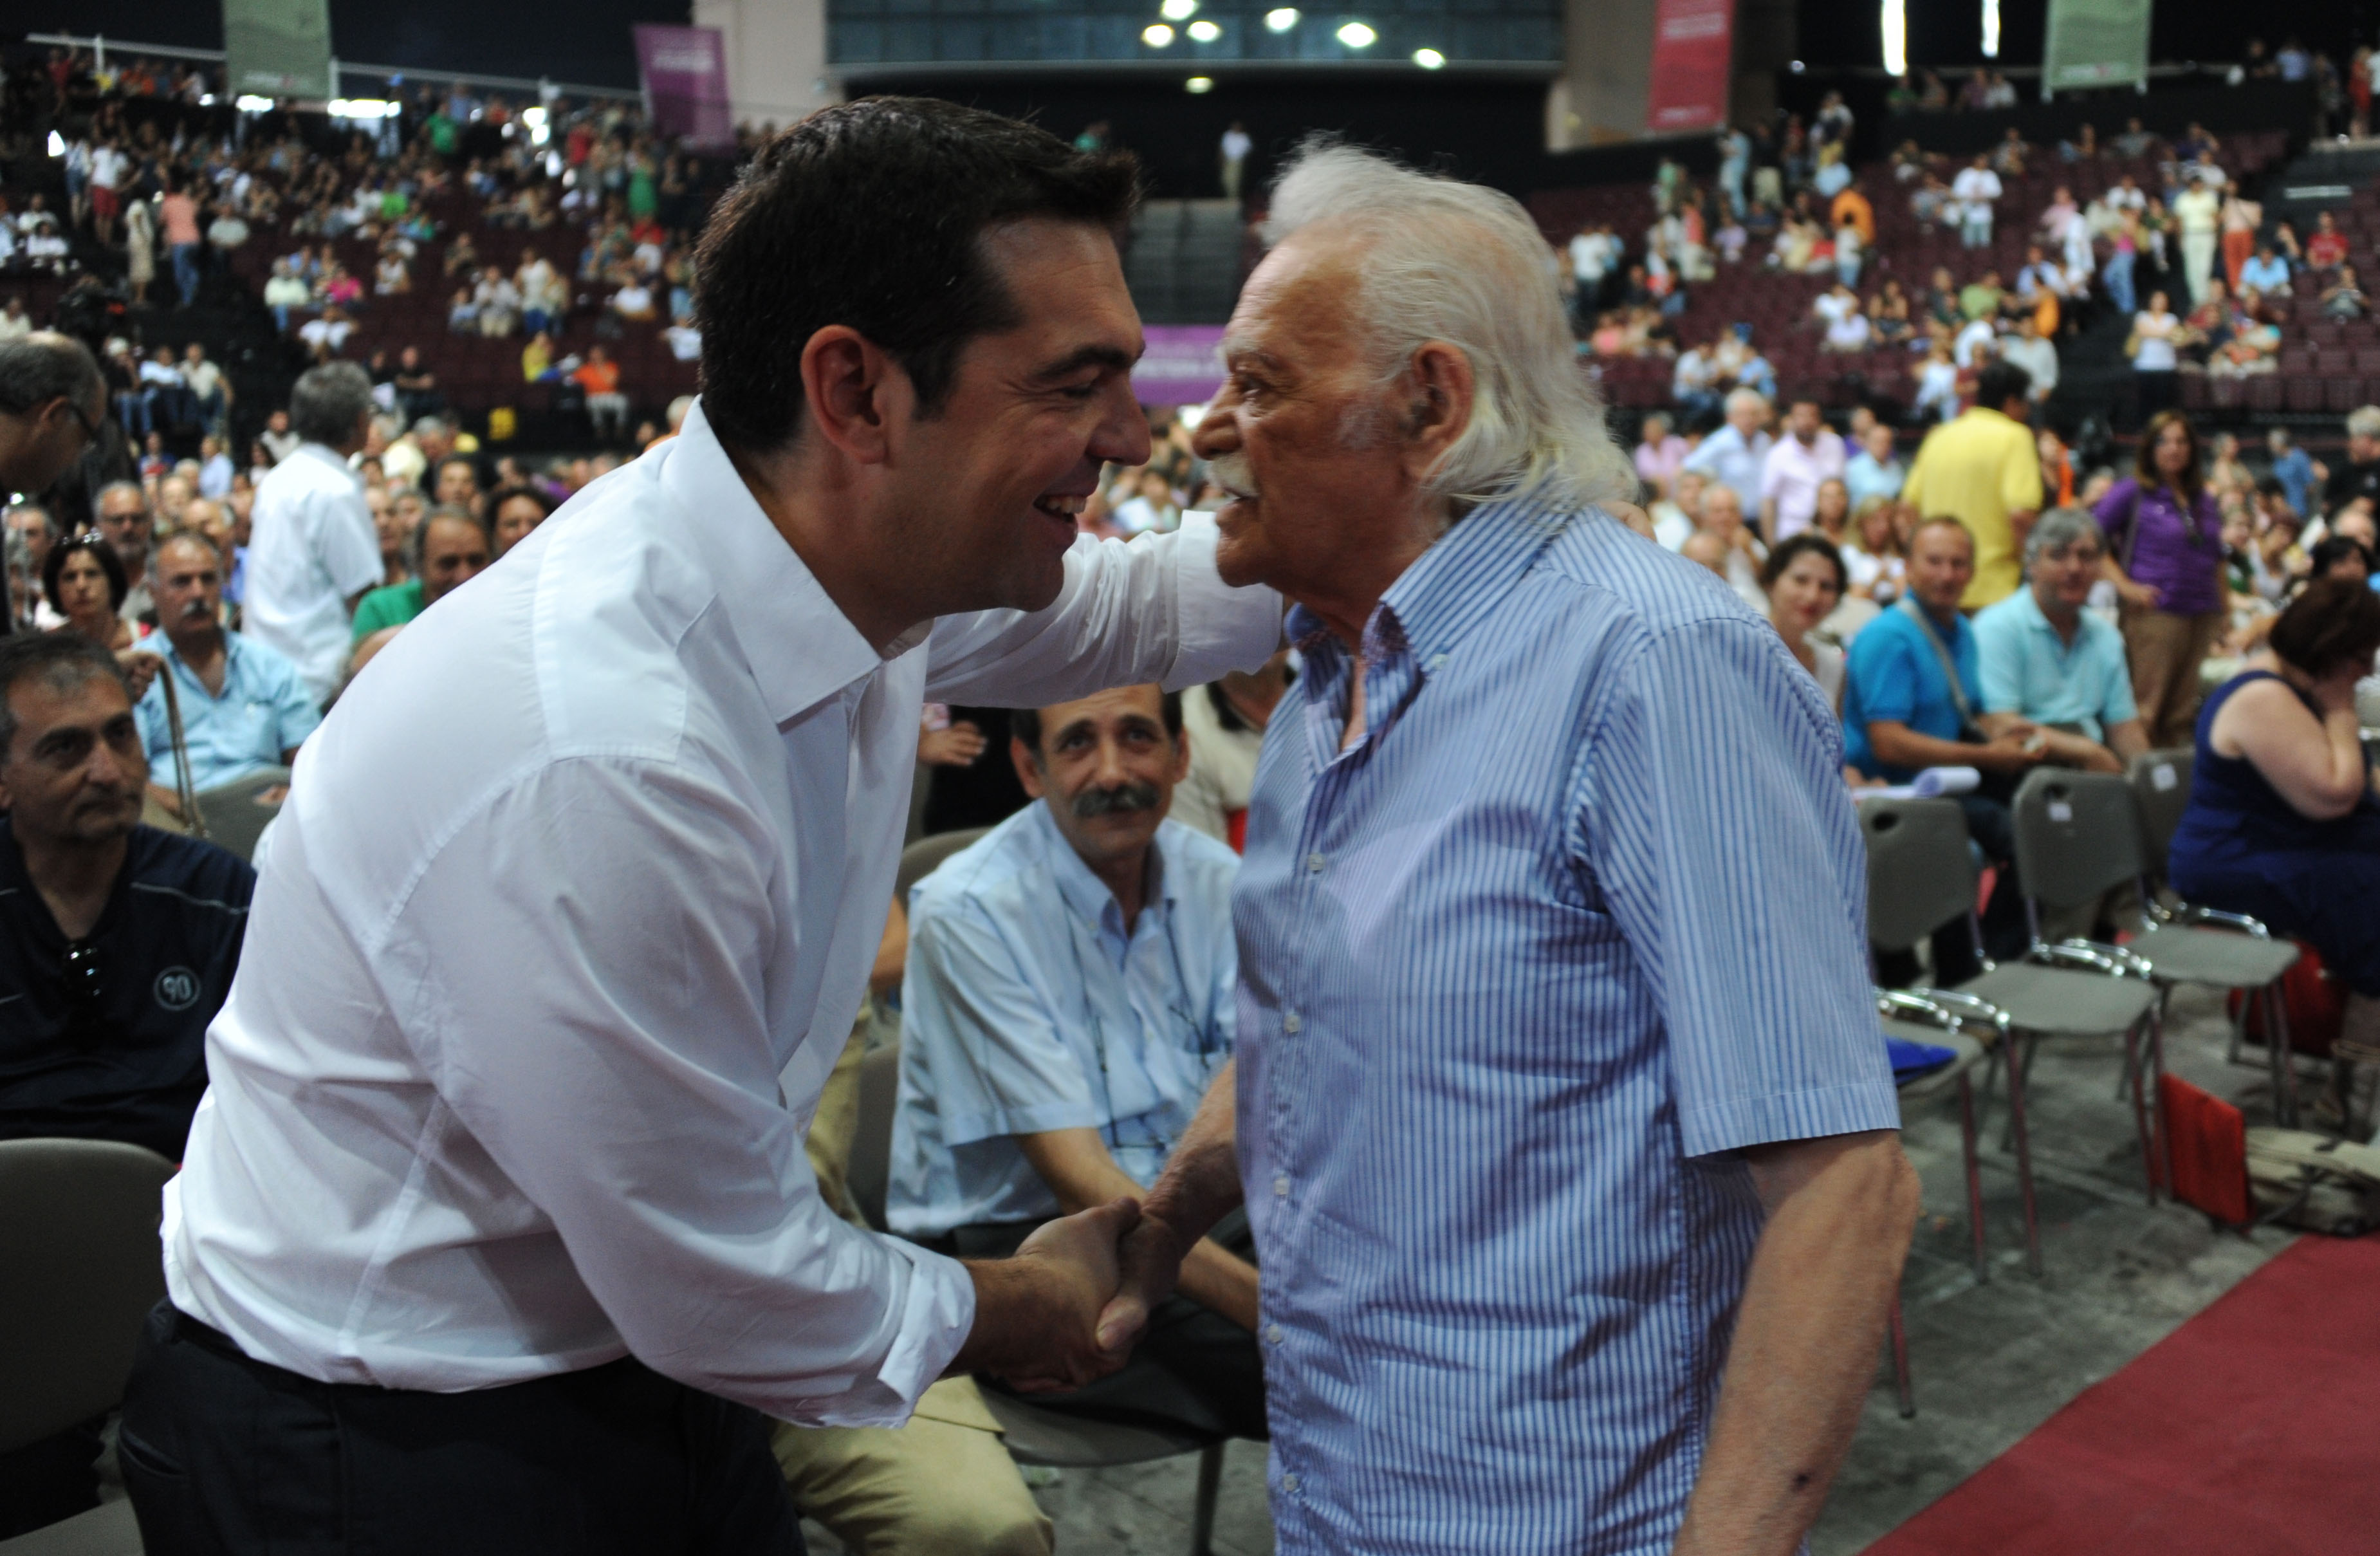 Ο Μανώλης Γλέζος είχε θερμή χειραψία με τον Αλέξη Τσίπρα - ΦΩΤΟ EUROKINISSI